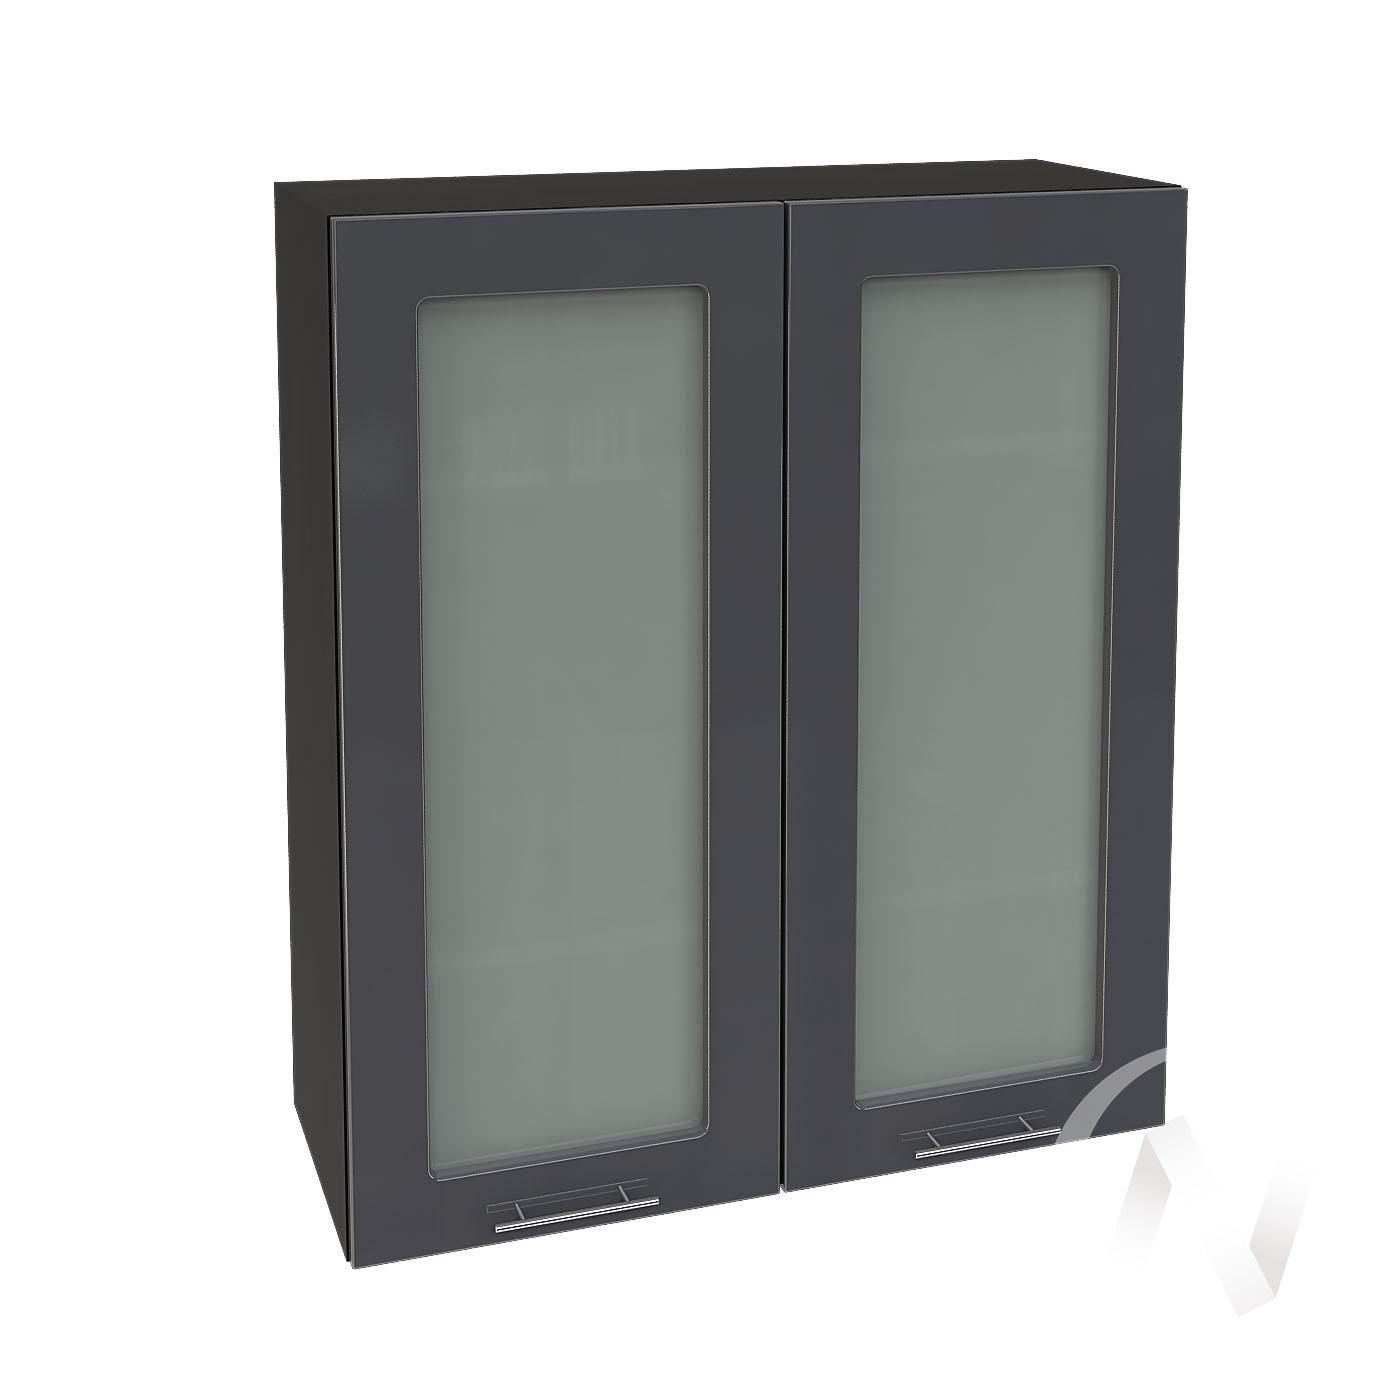 """Кухня """"Валерия-М"""": Шкаф верхний со стеклом 809, ШВС 809 новый (Антрацит глянец/корпус венге)"""